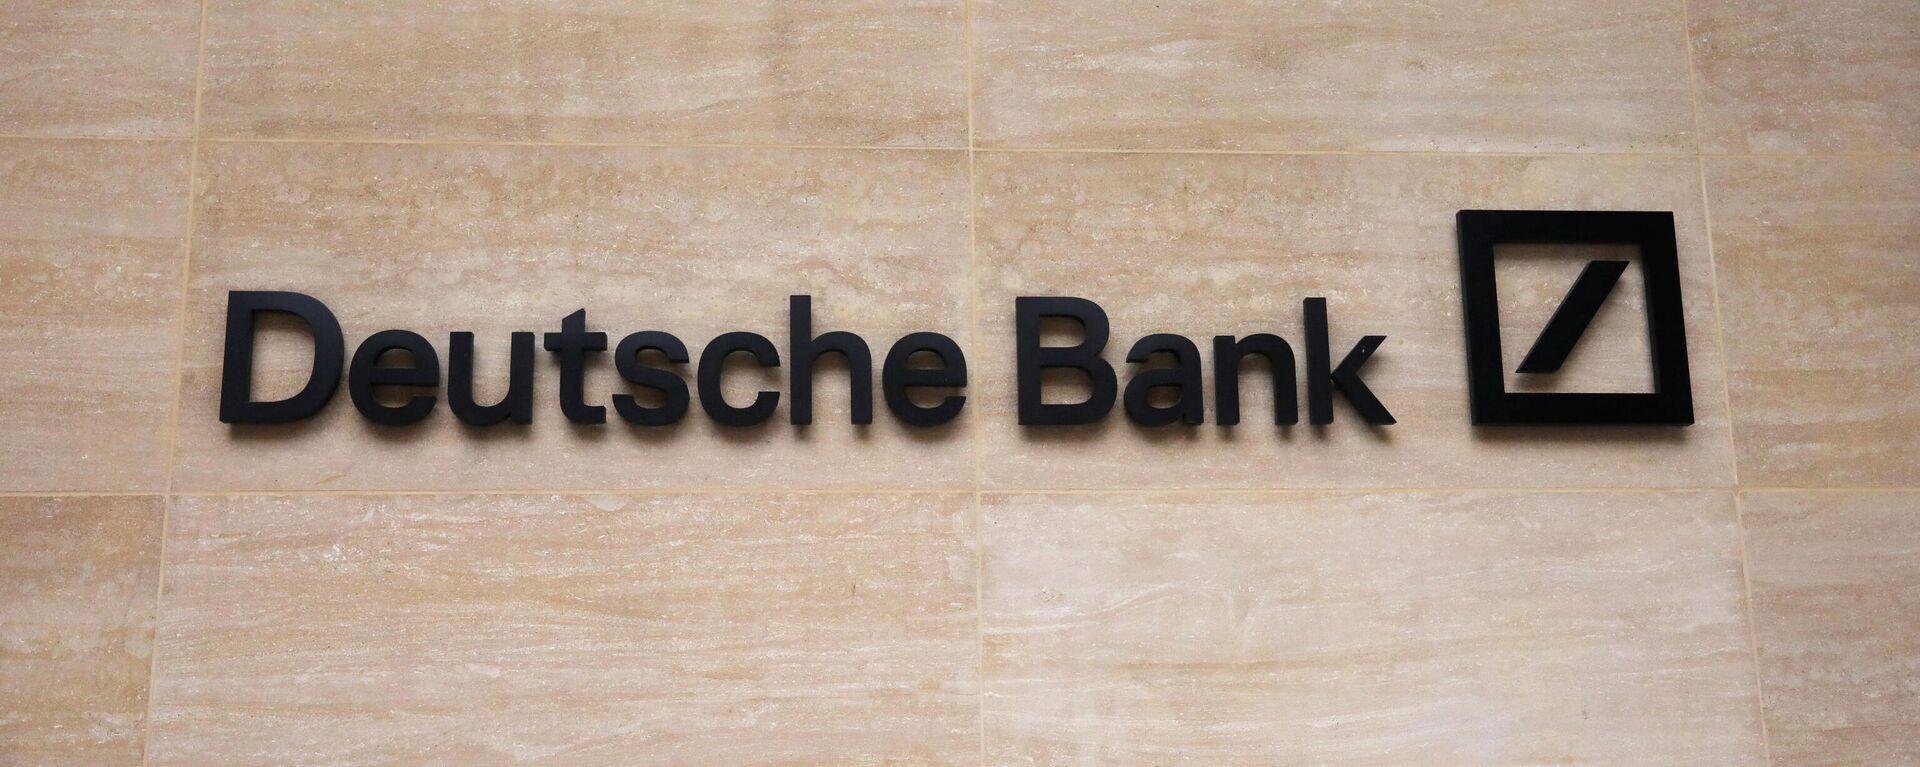 Deutsche Bank, Logo - SNA, 1920, 30.04.2021